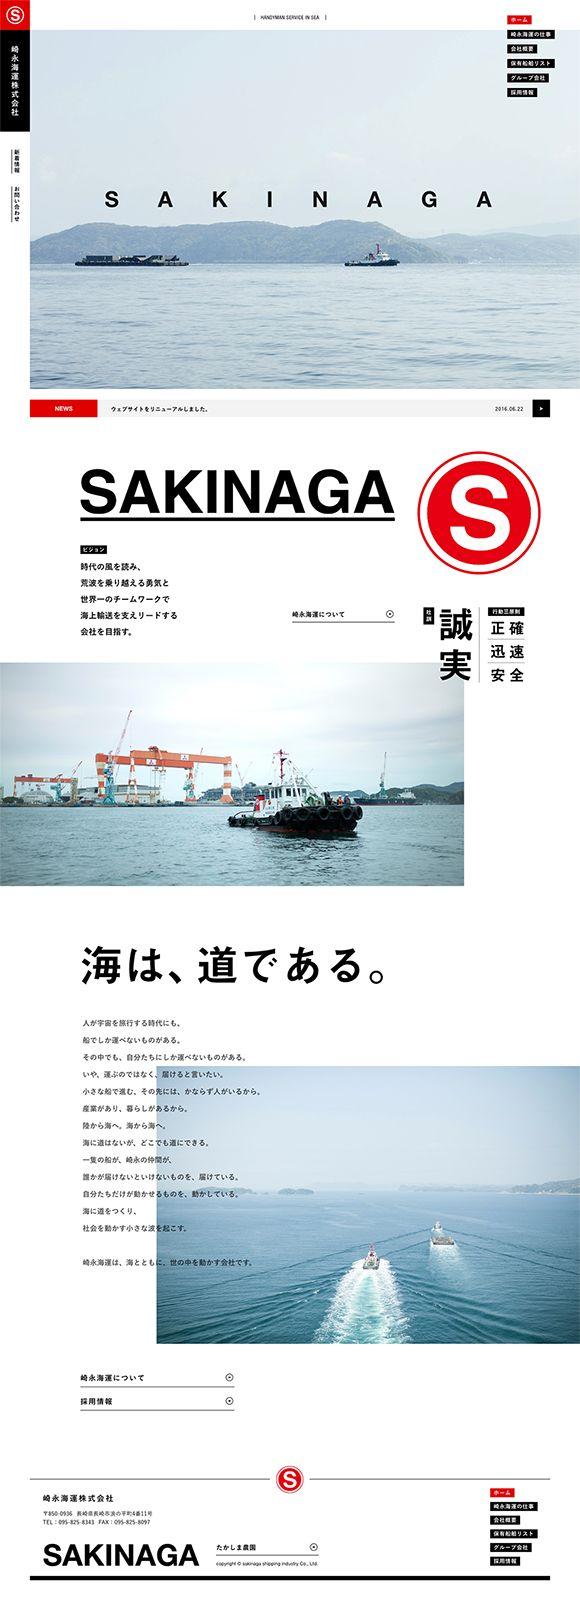 Web www.sakinaga.co.jp